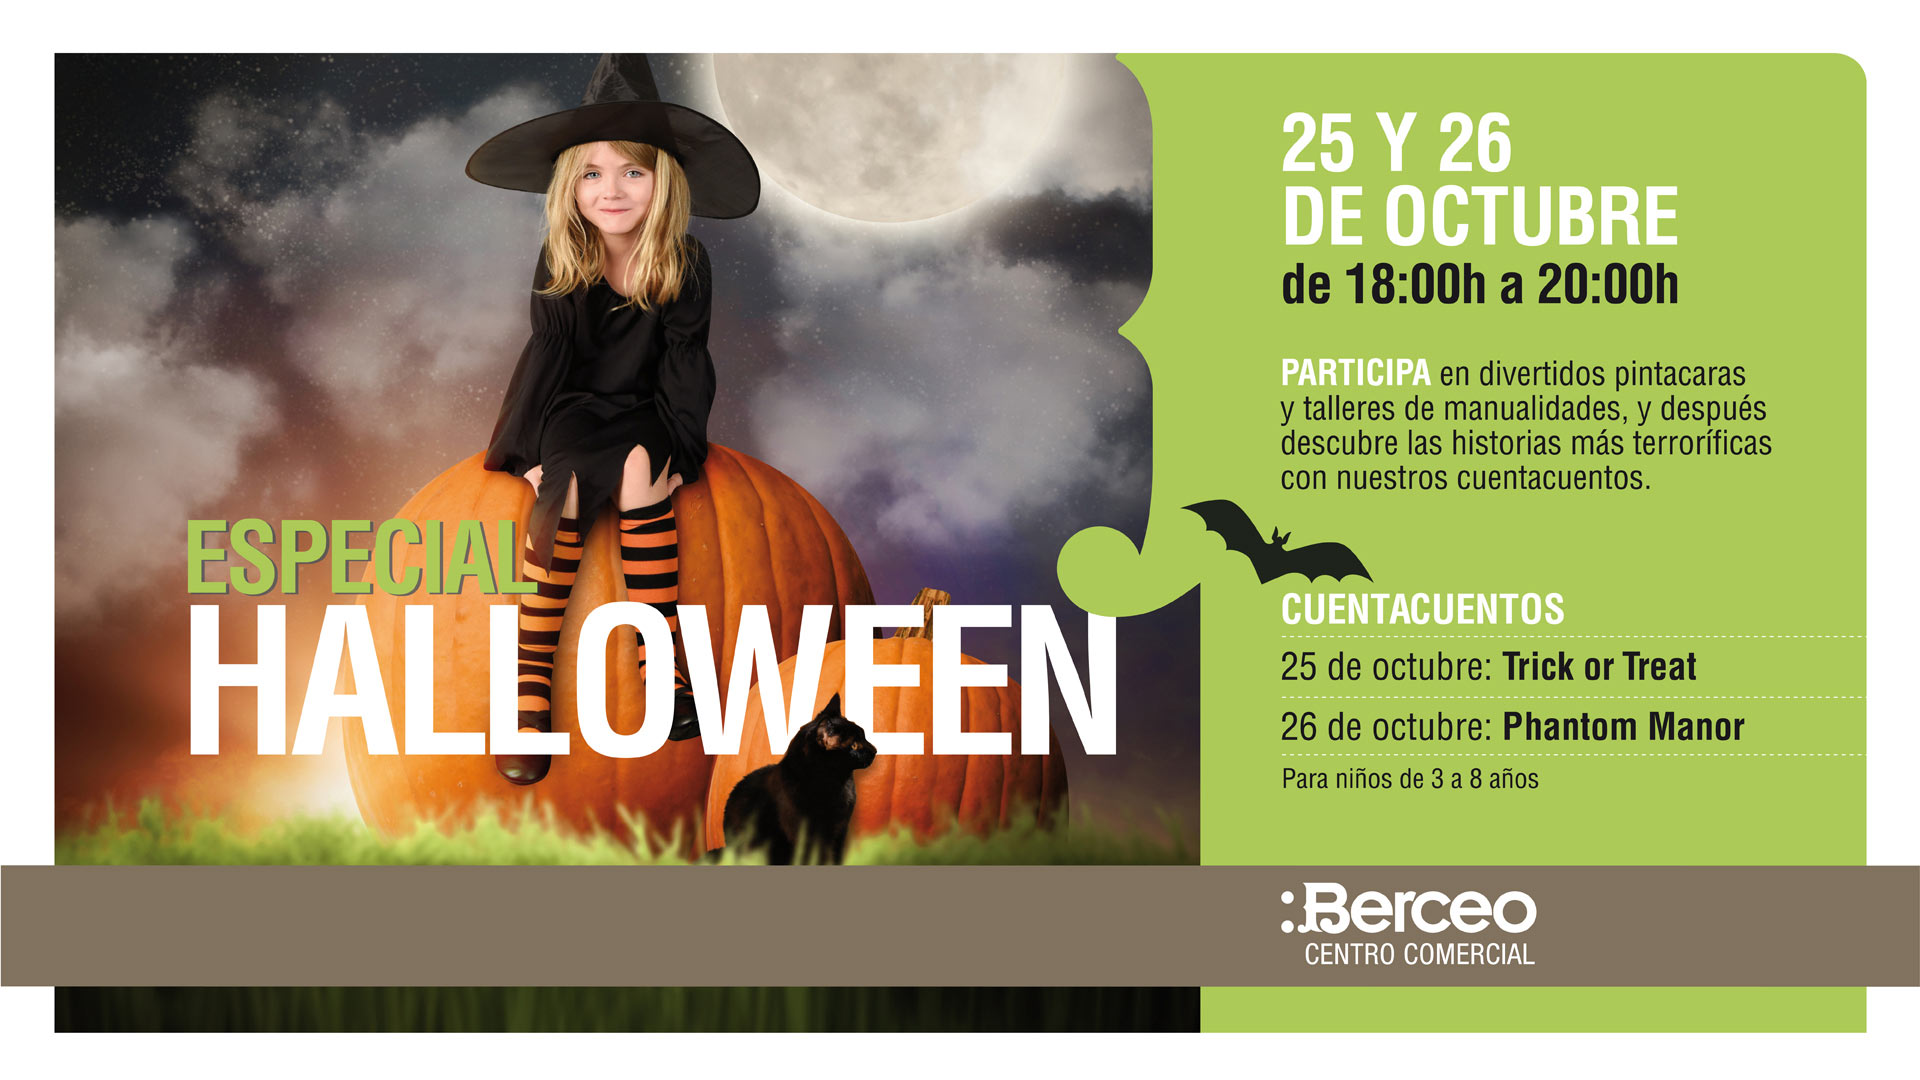 Especial Halloween en Berceo